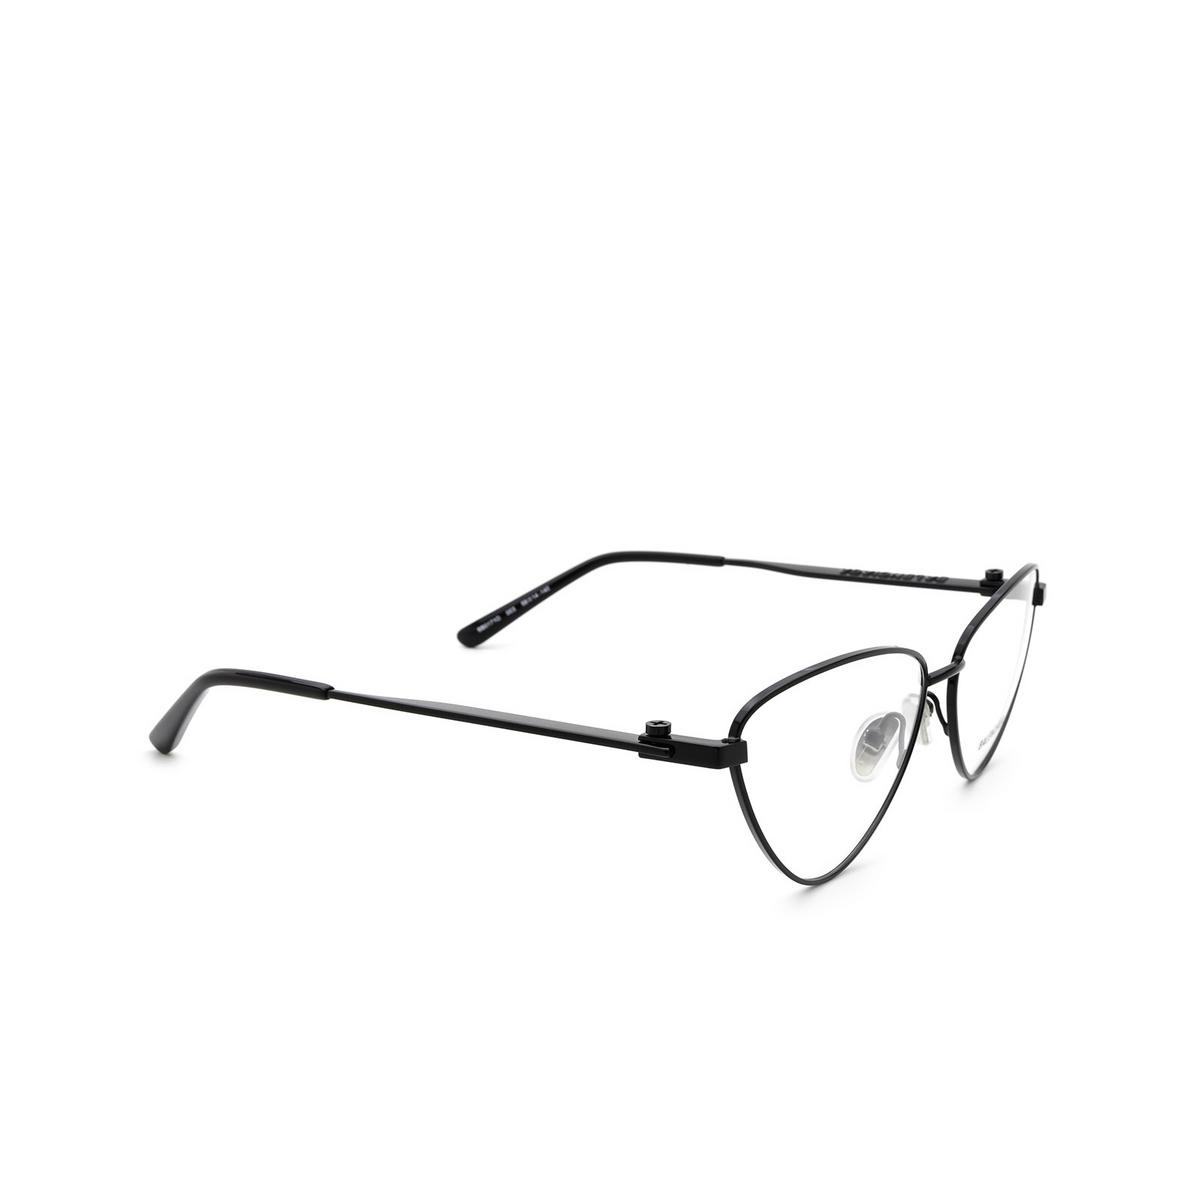 Balenciaga® Cat-eye Eyeglasses: BB0171O color Black 003 - three-quarters view.